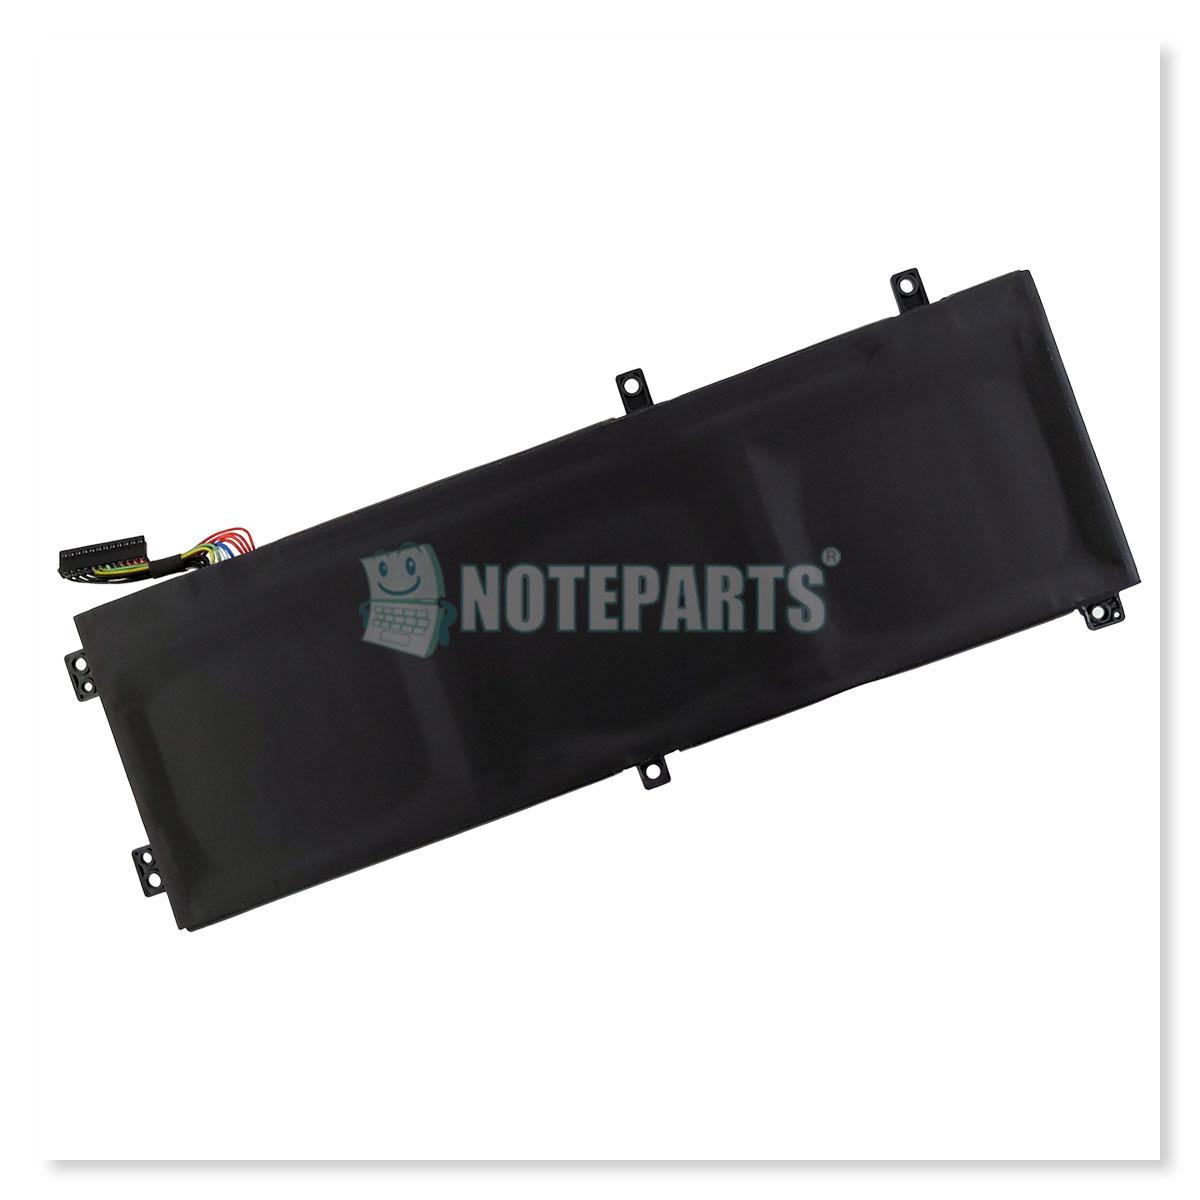 Dell デル XPS 15 (9550/9560/9570)  Precision 15 (5510/5520/5530) バッテリー H5H20 62MJV対応